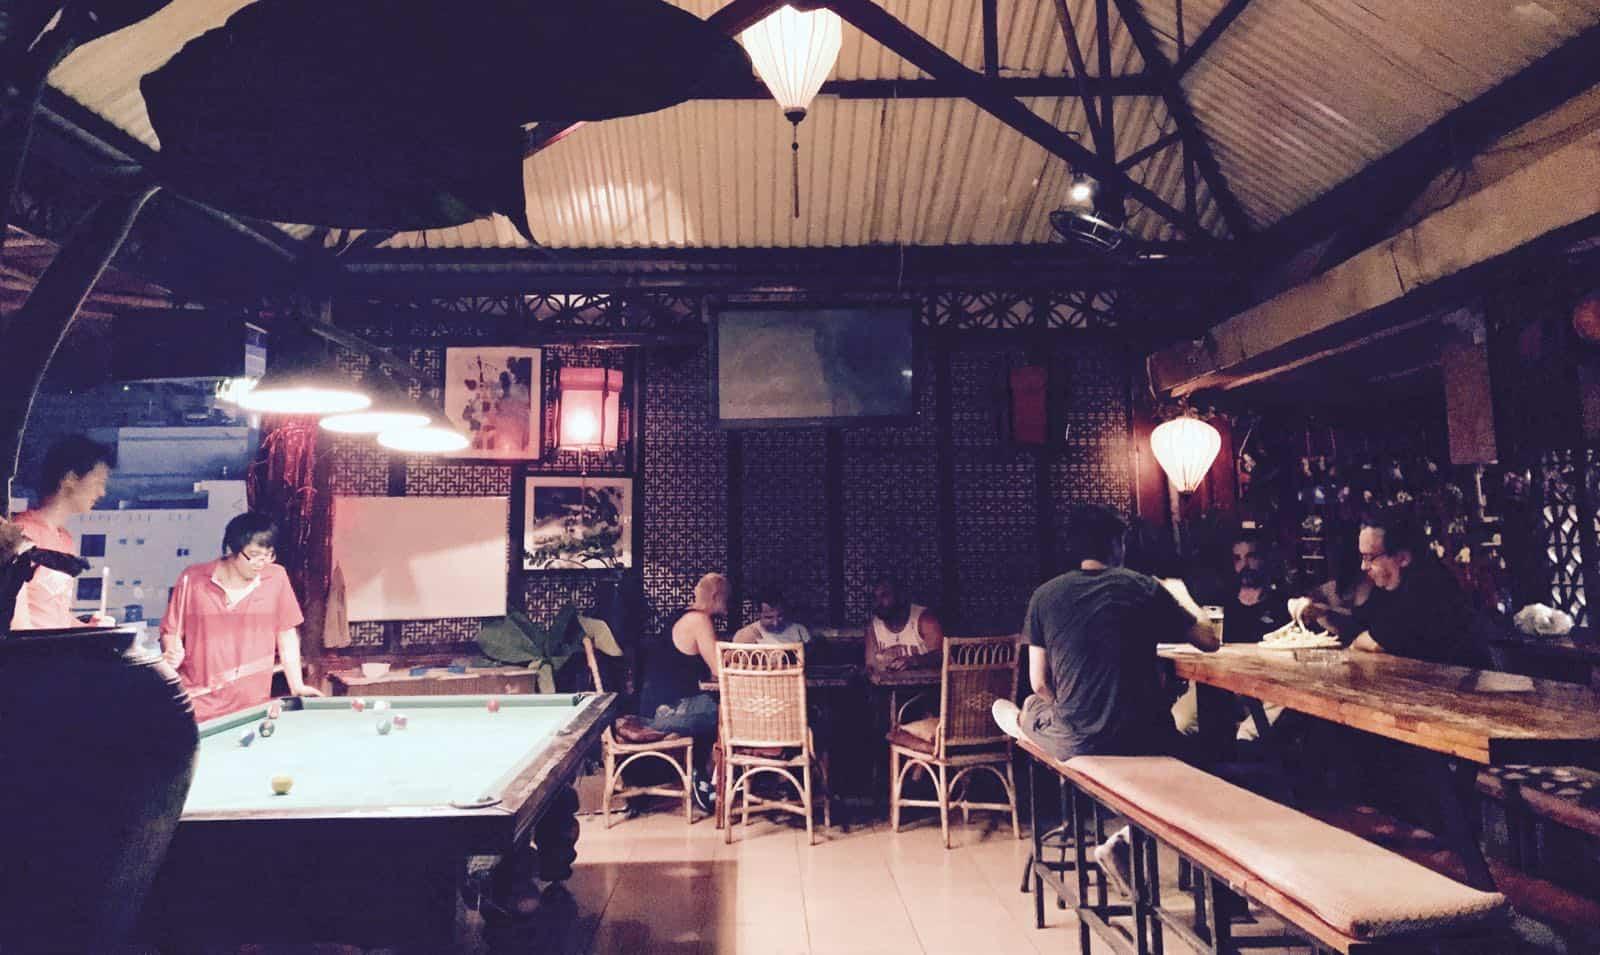 The Rooftop Lounge Ha Van Nha Trang Vietnam betternotstop